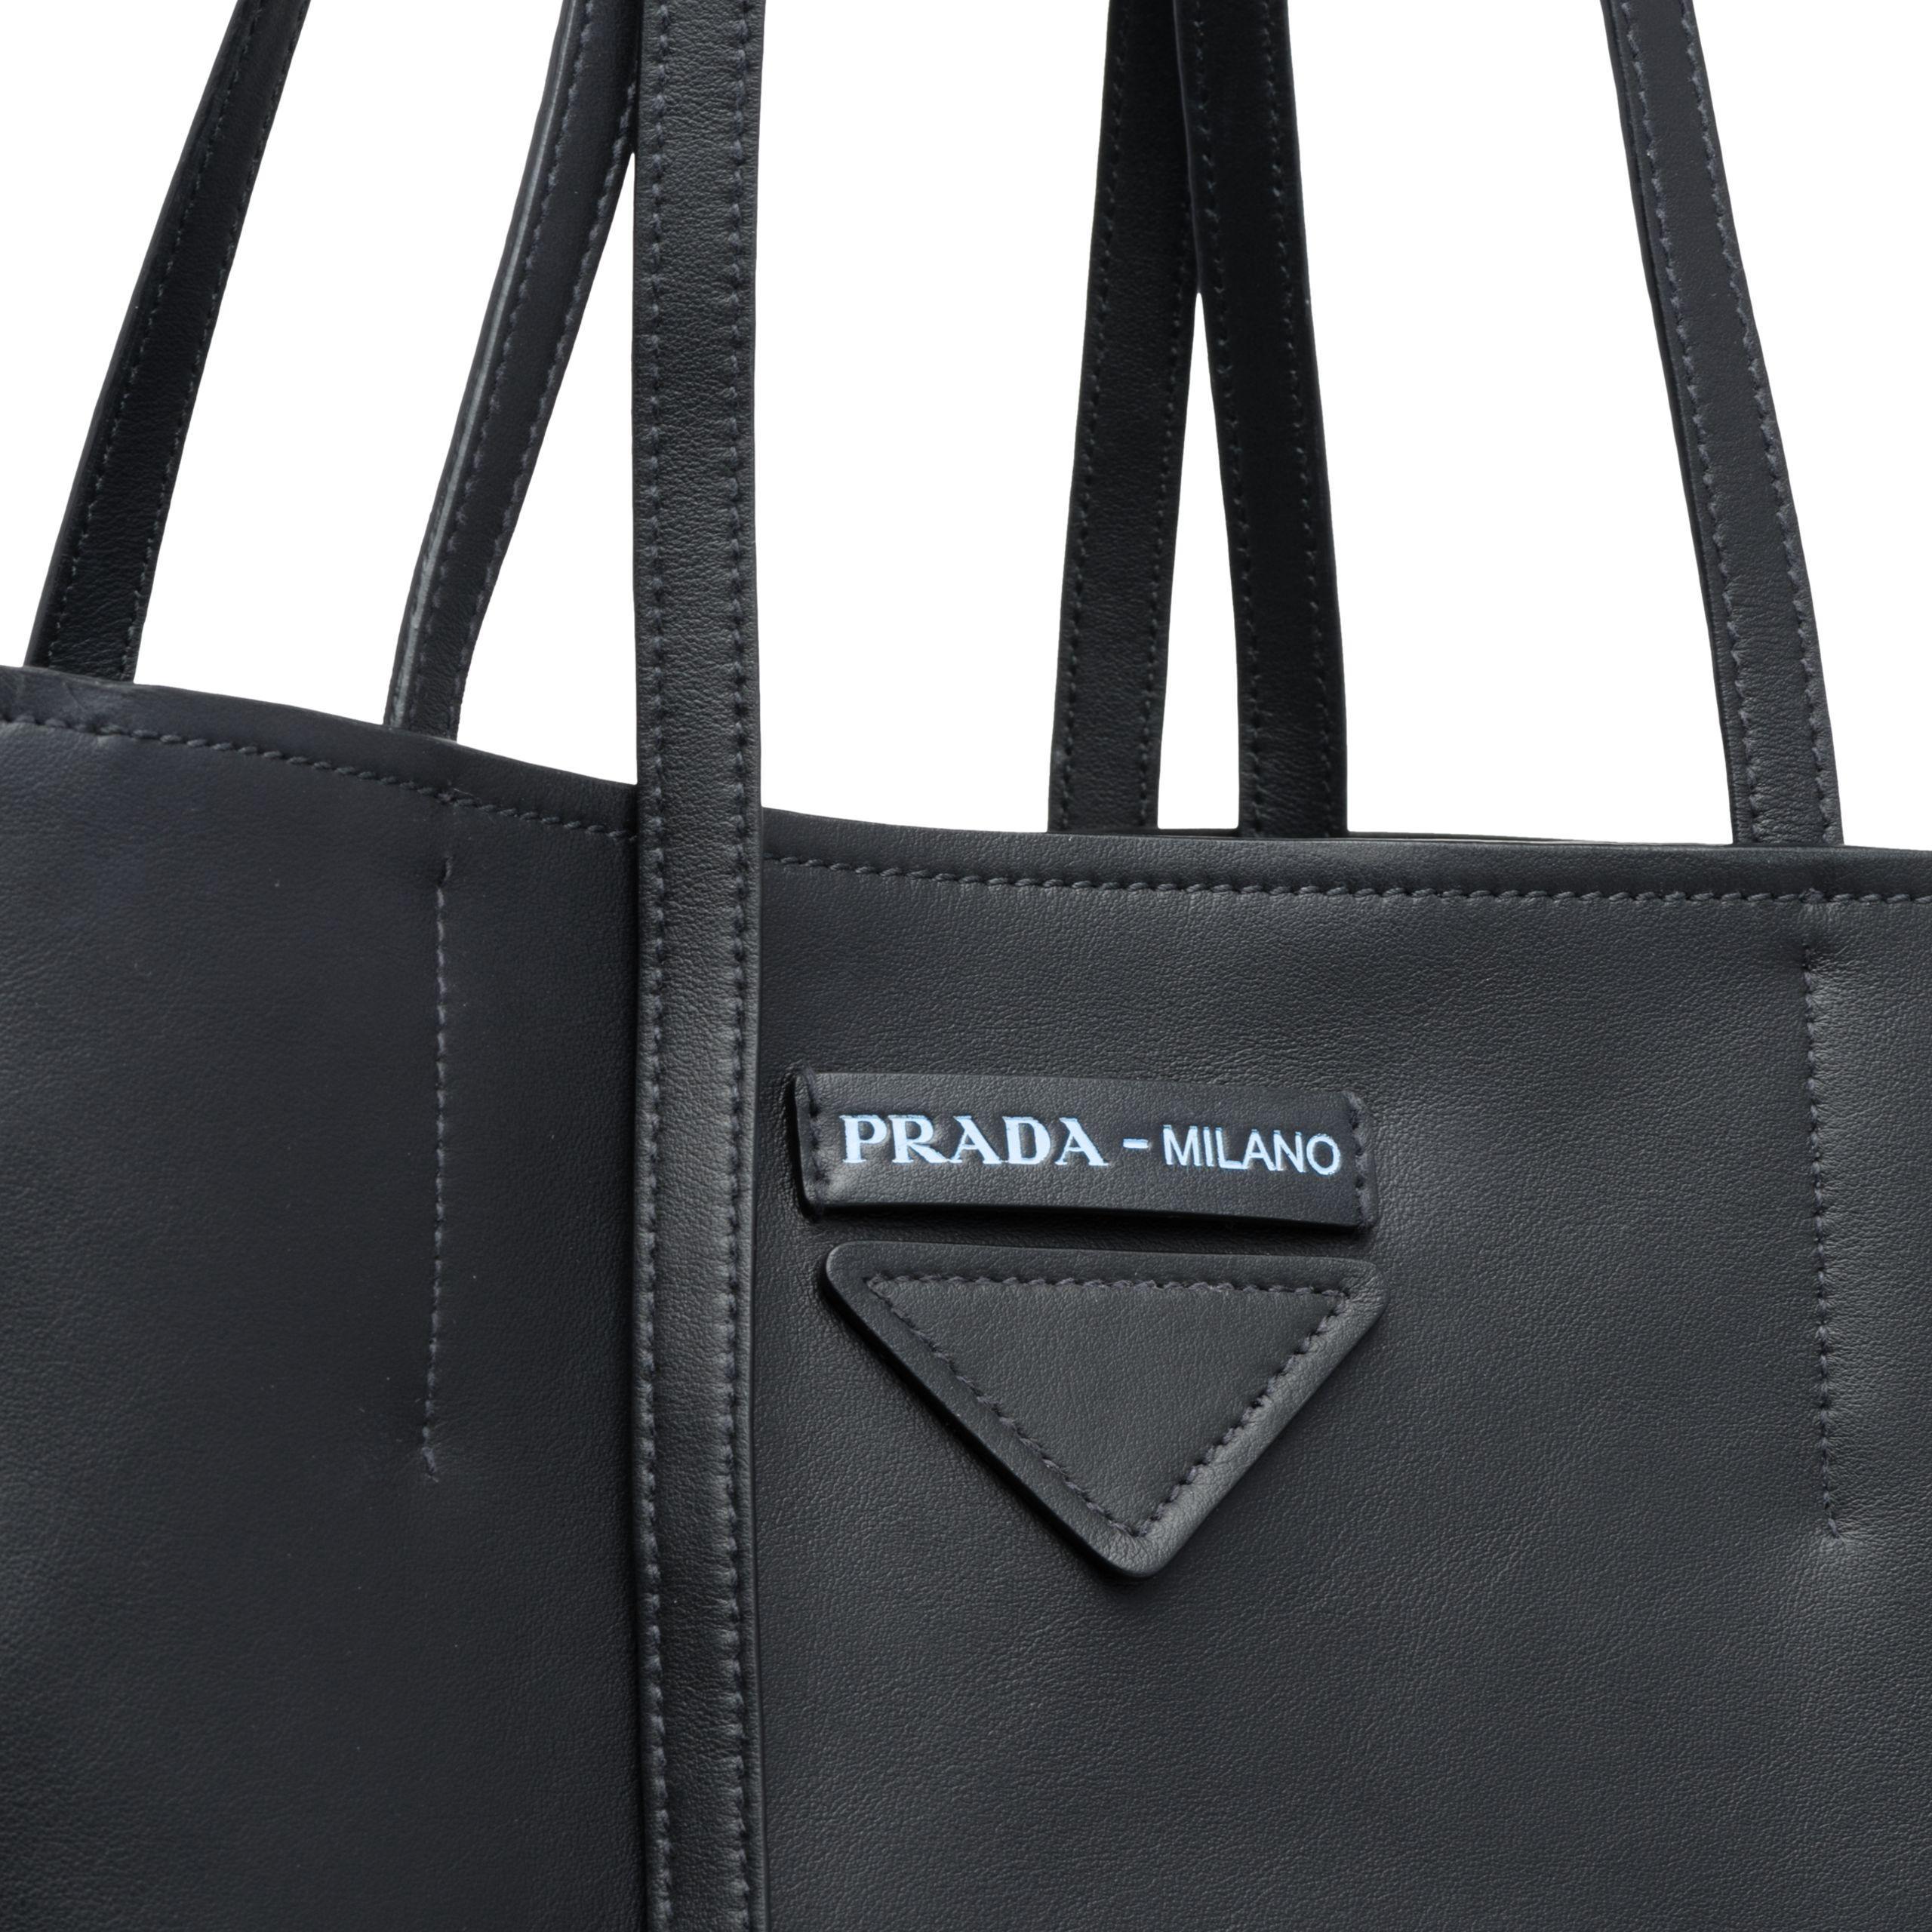 e54f8ab054d8b4 Prada Concept Medium Leather Tote in Black - Lyst